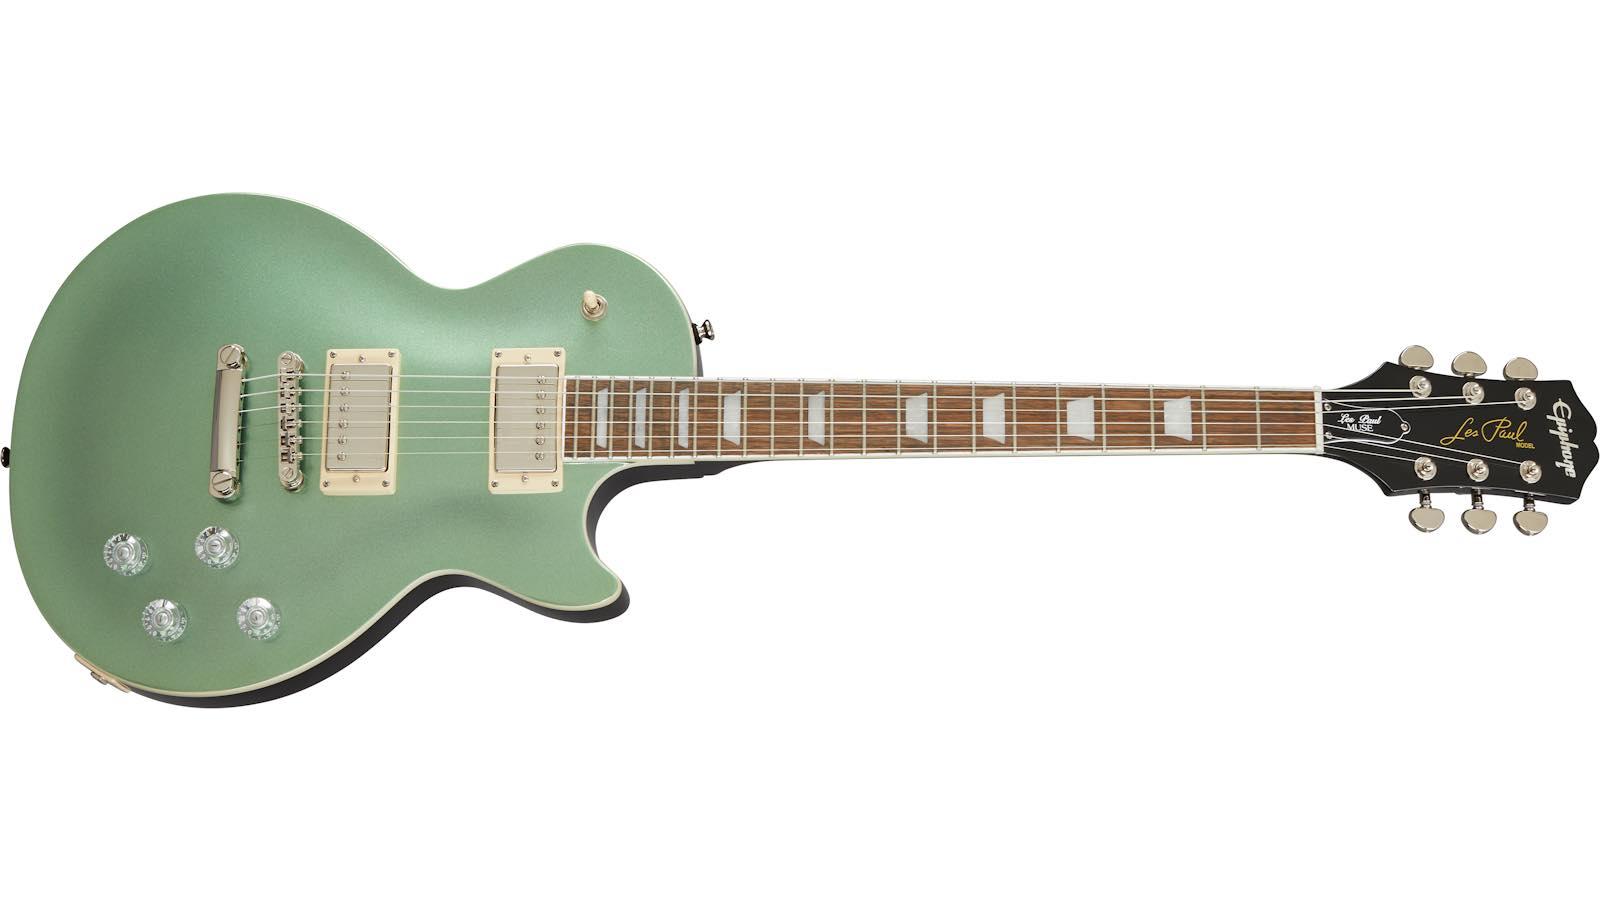 Epiphone Les Paul Muse Wanderlust Metallic Green chitarra guitar elettrica electric strumenti musicali